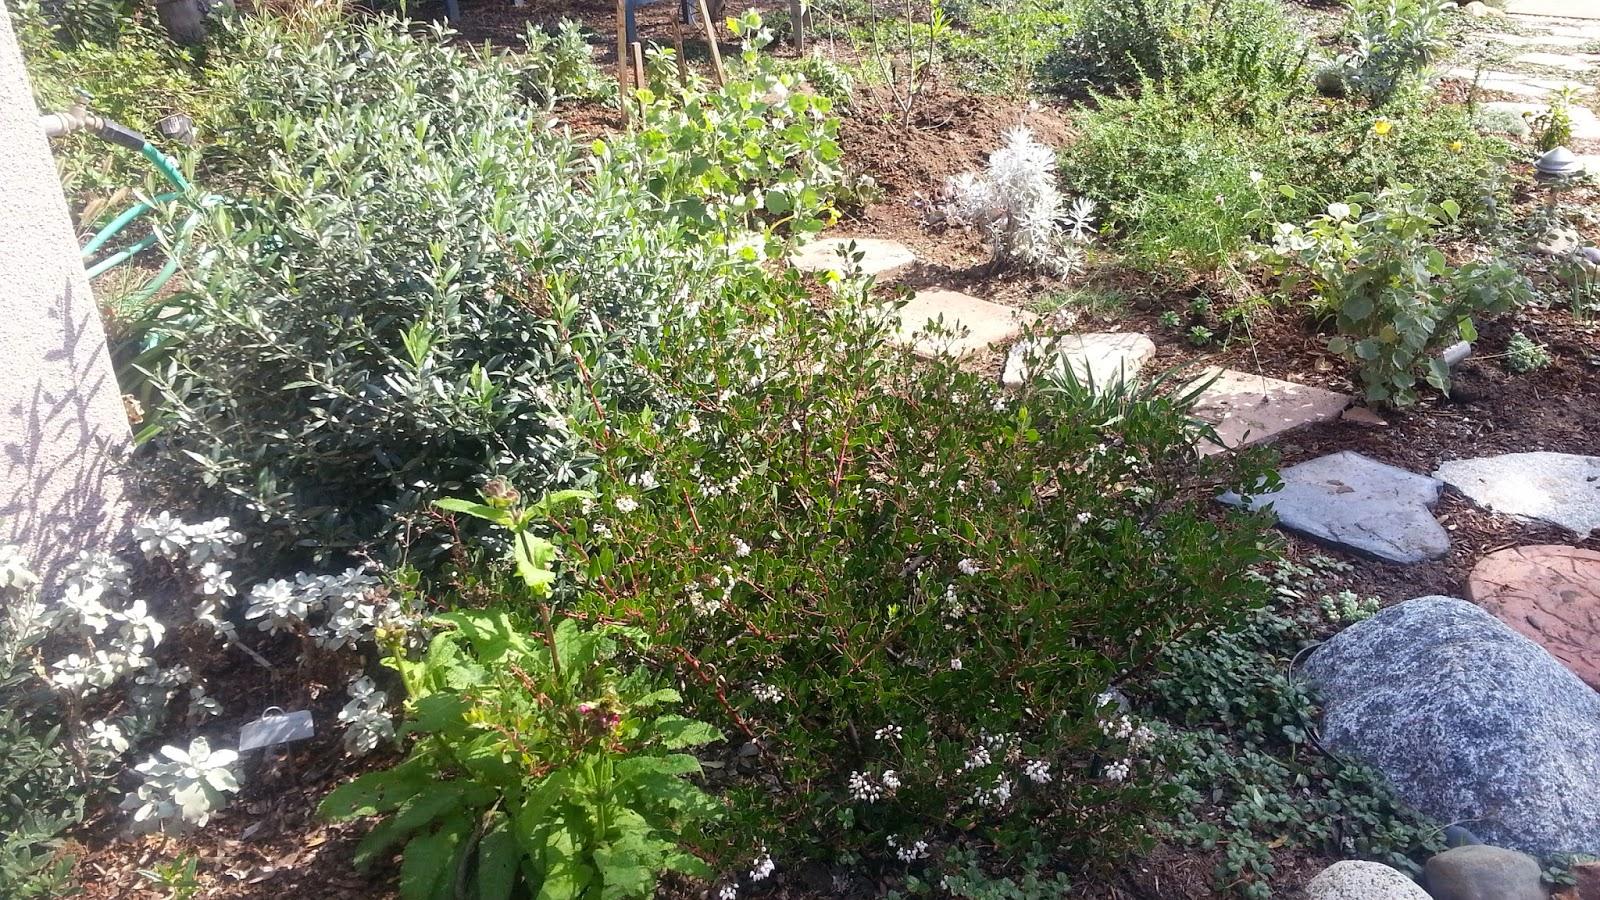 mar vista green garden showcase 12425 appleton way cluster 3h